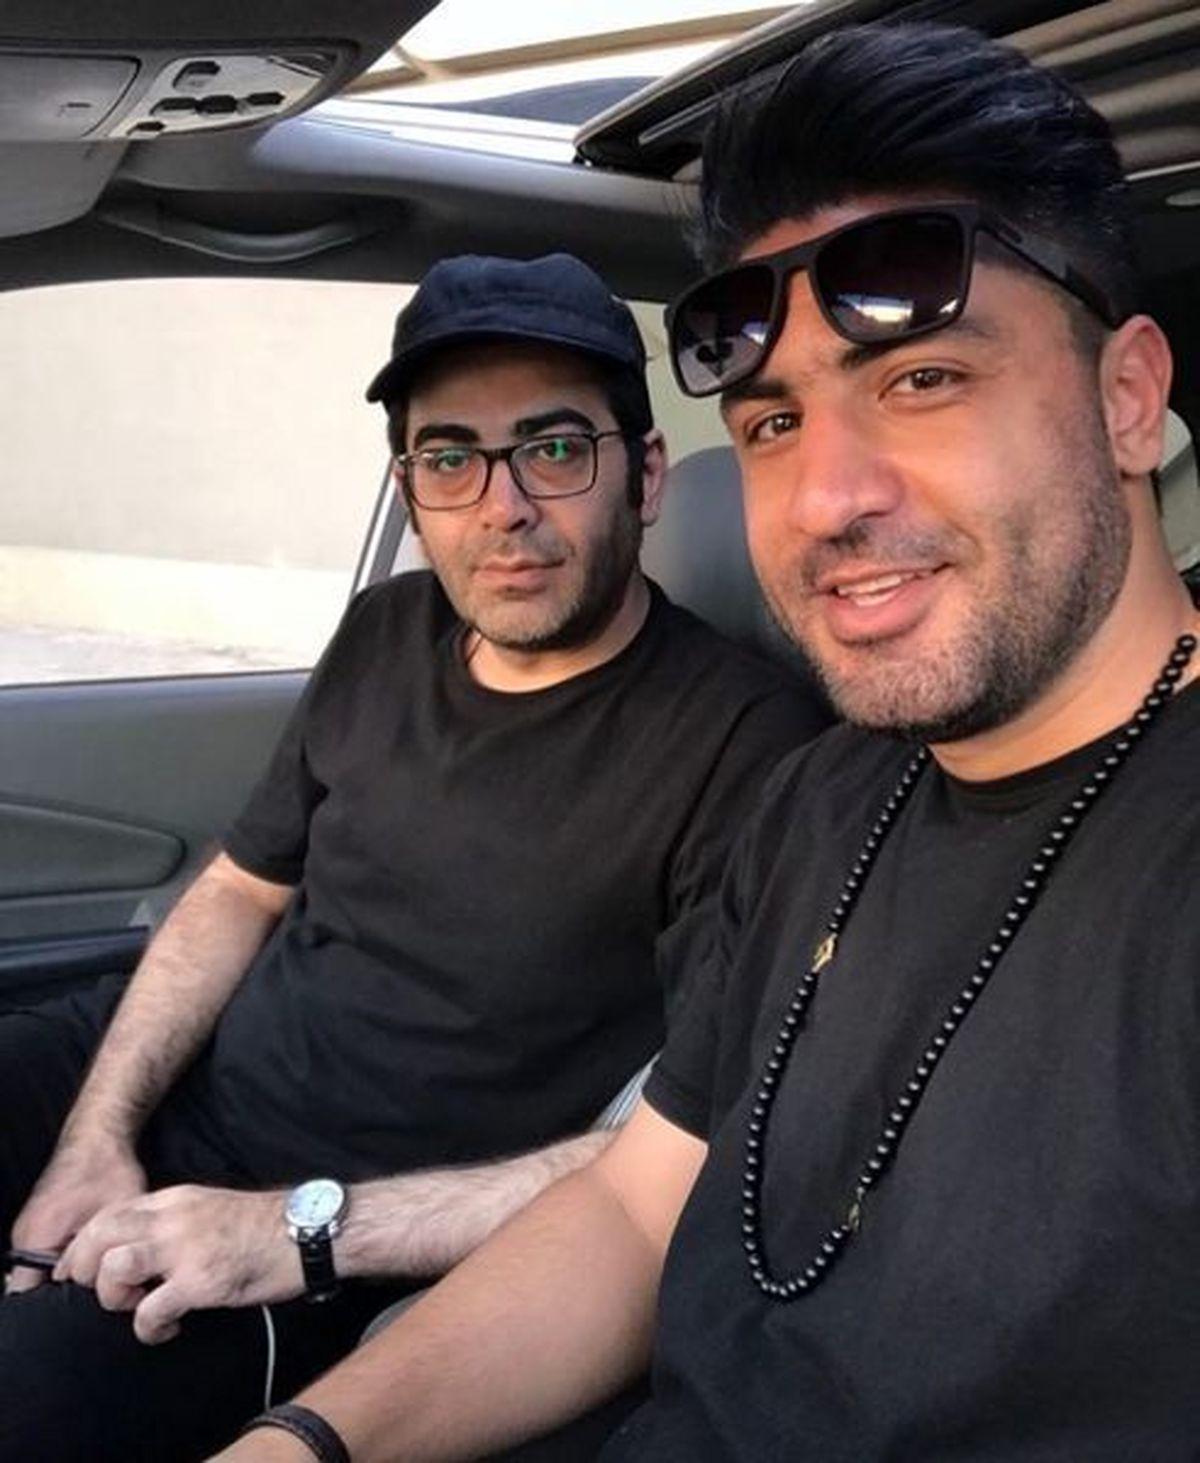 تیپ جنجالی فرزاد حسینی در خودروی لاکچری و گران قیمتش /عکس